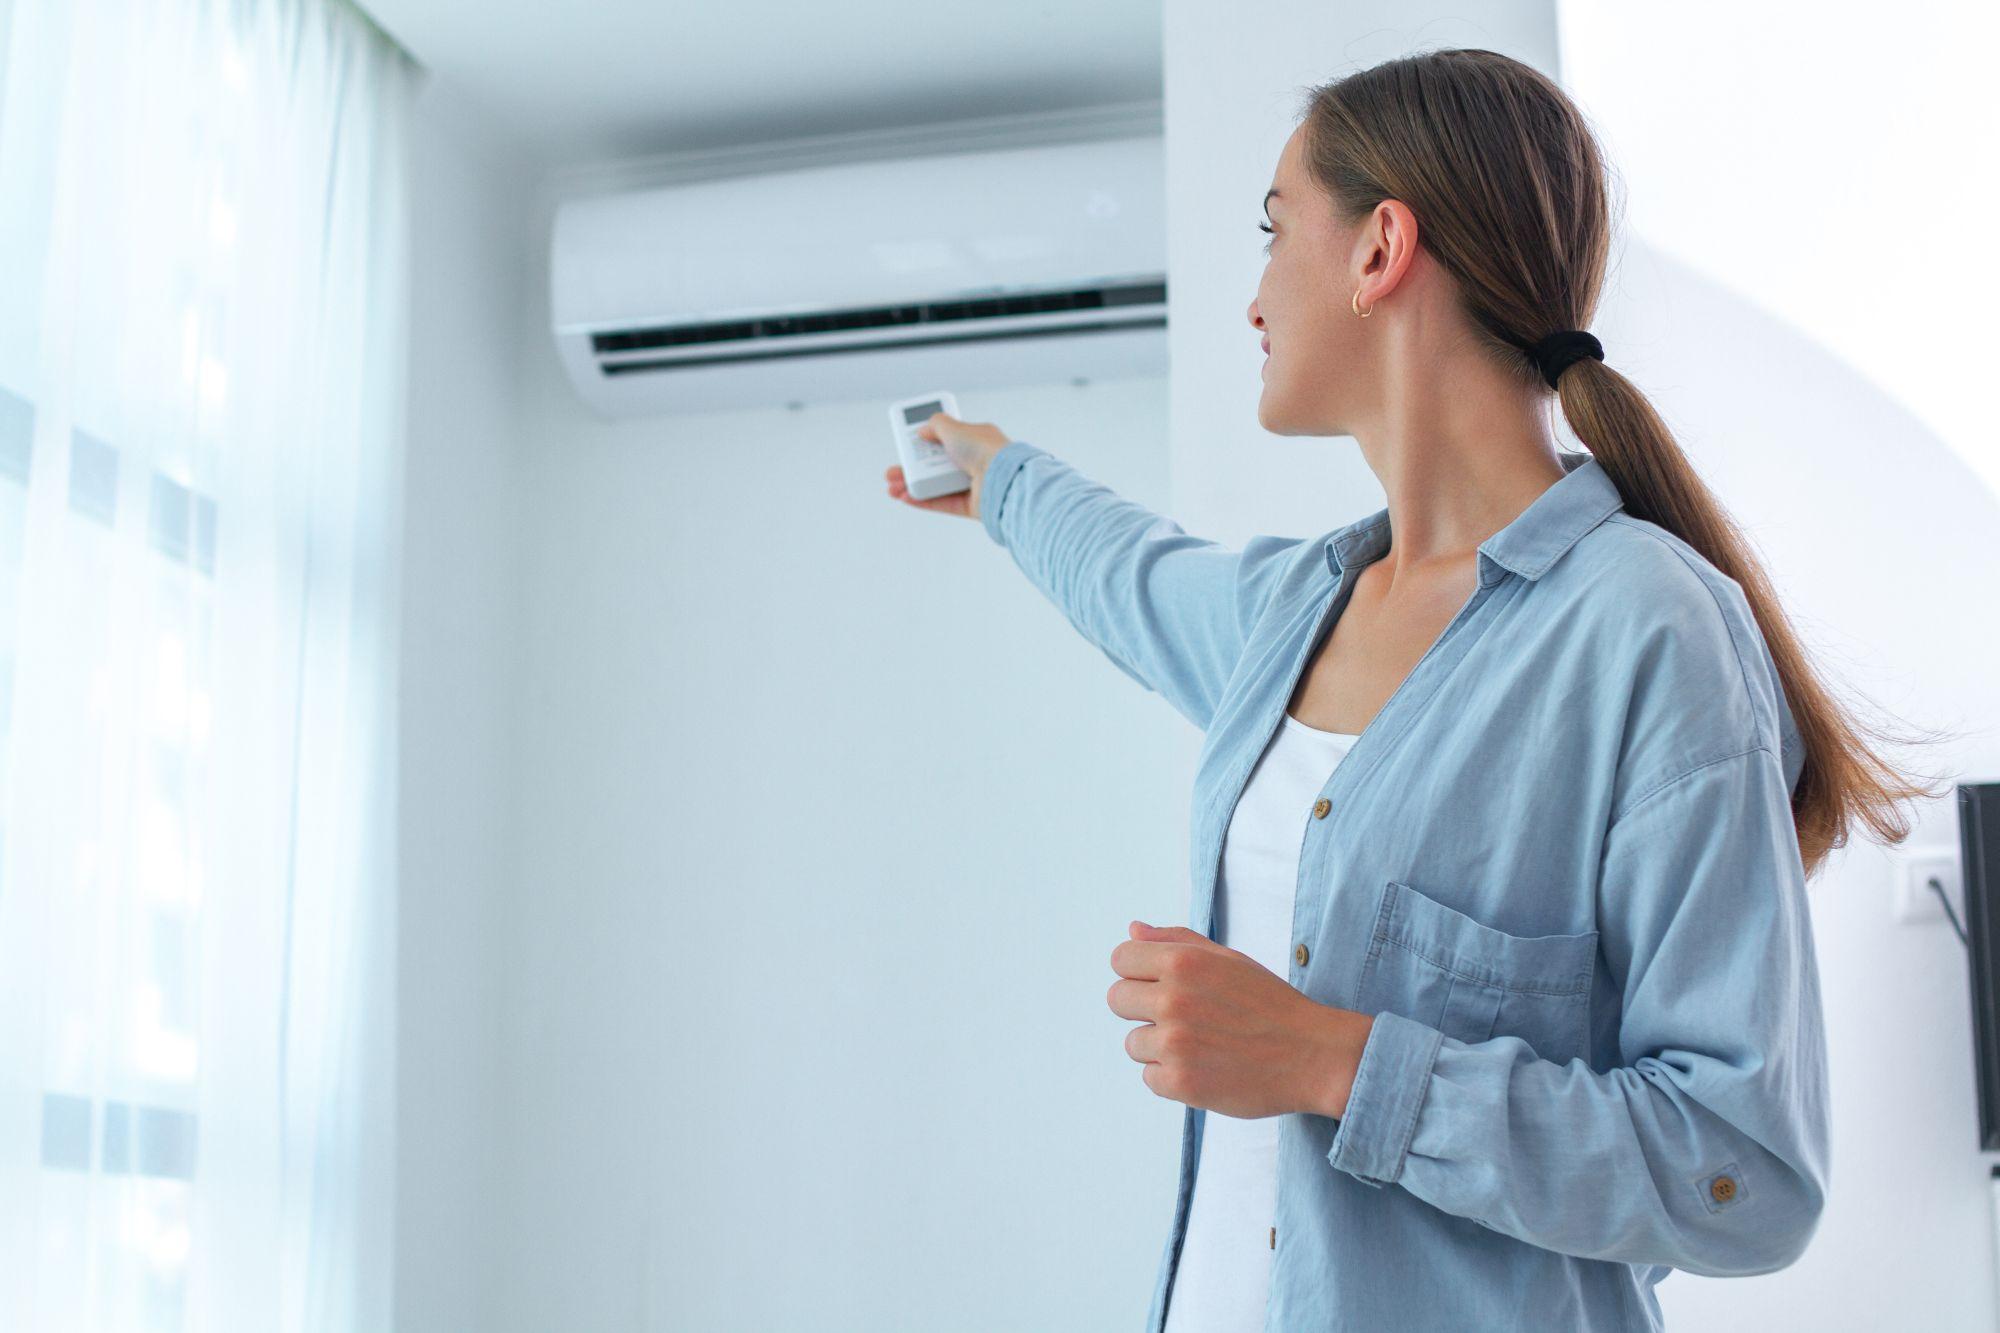 Nő klíma hőmérsékletet állít